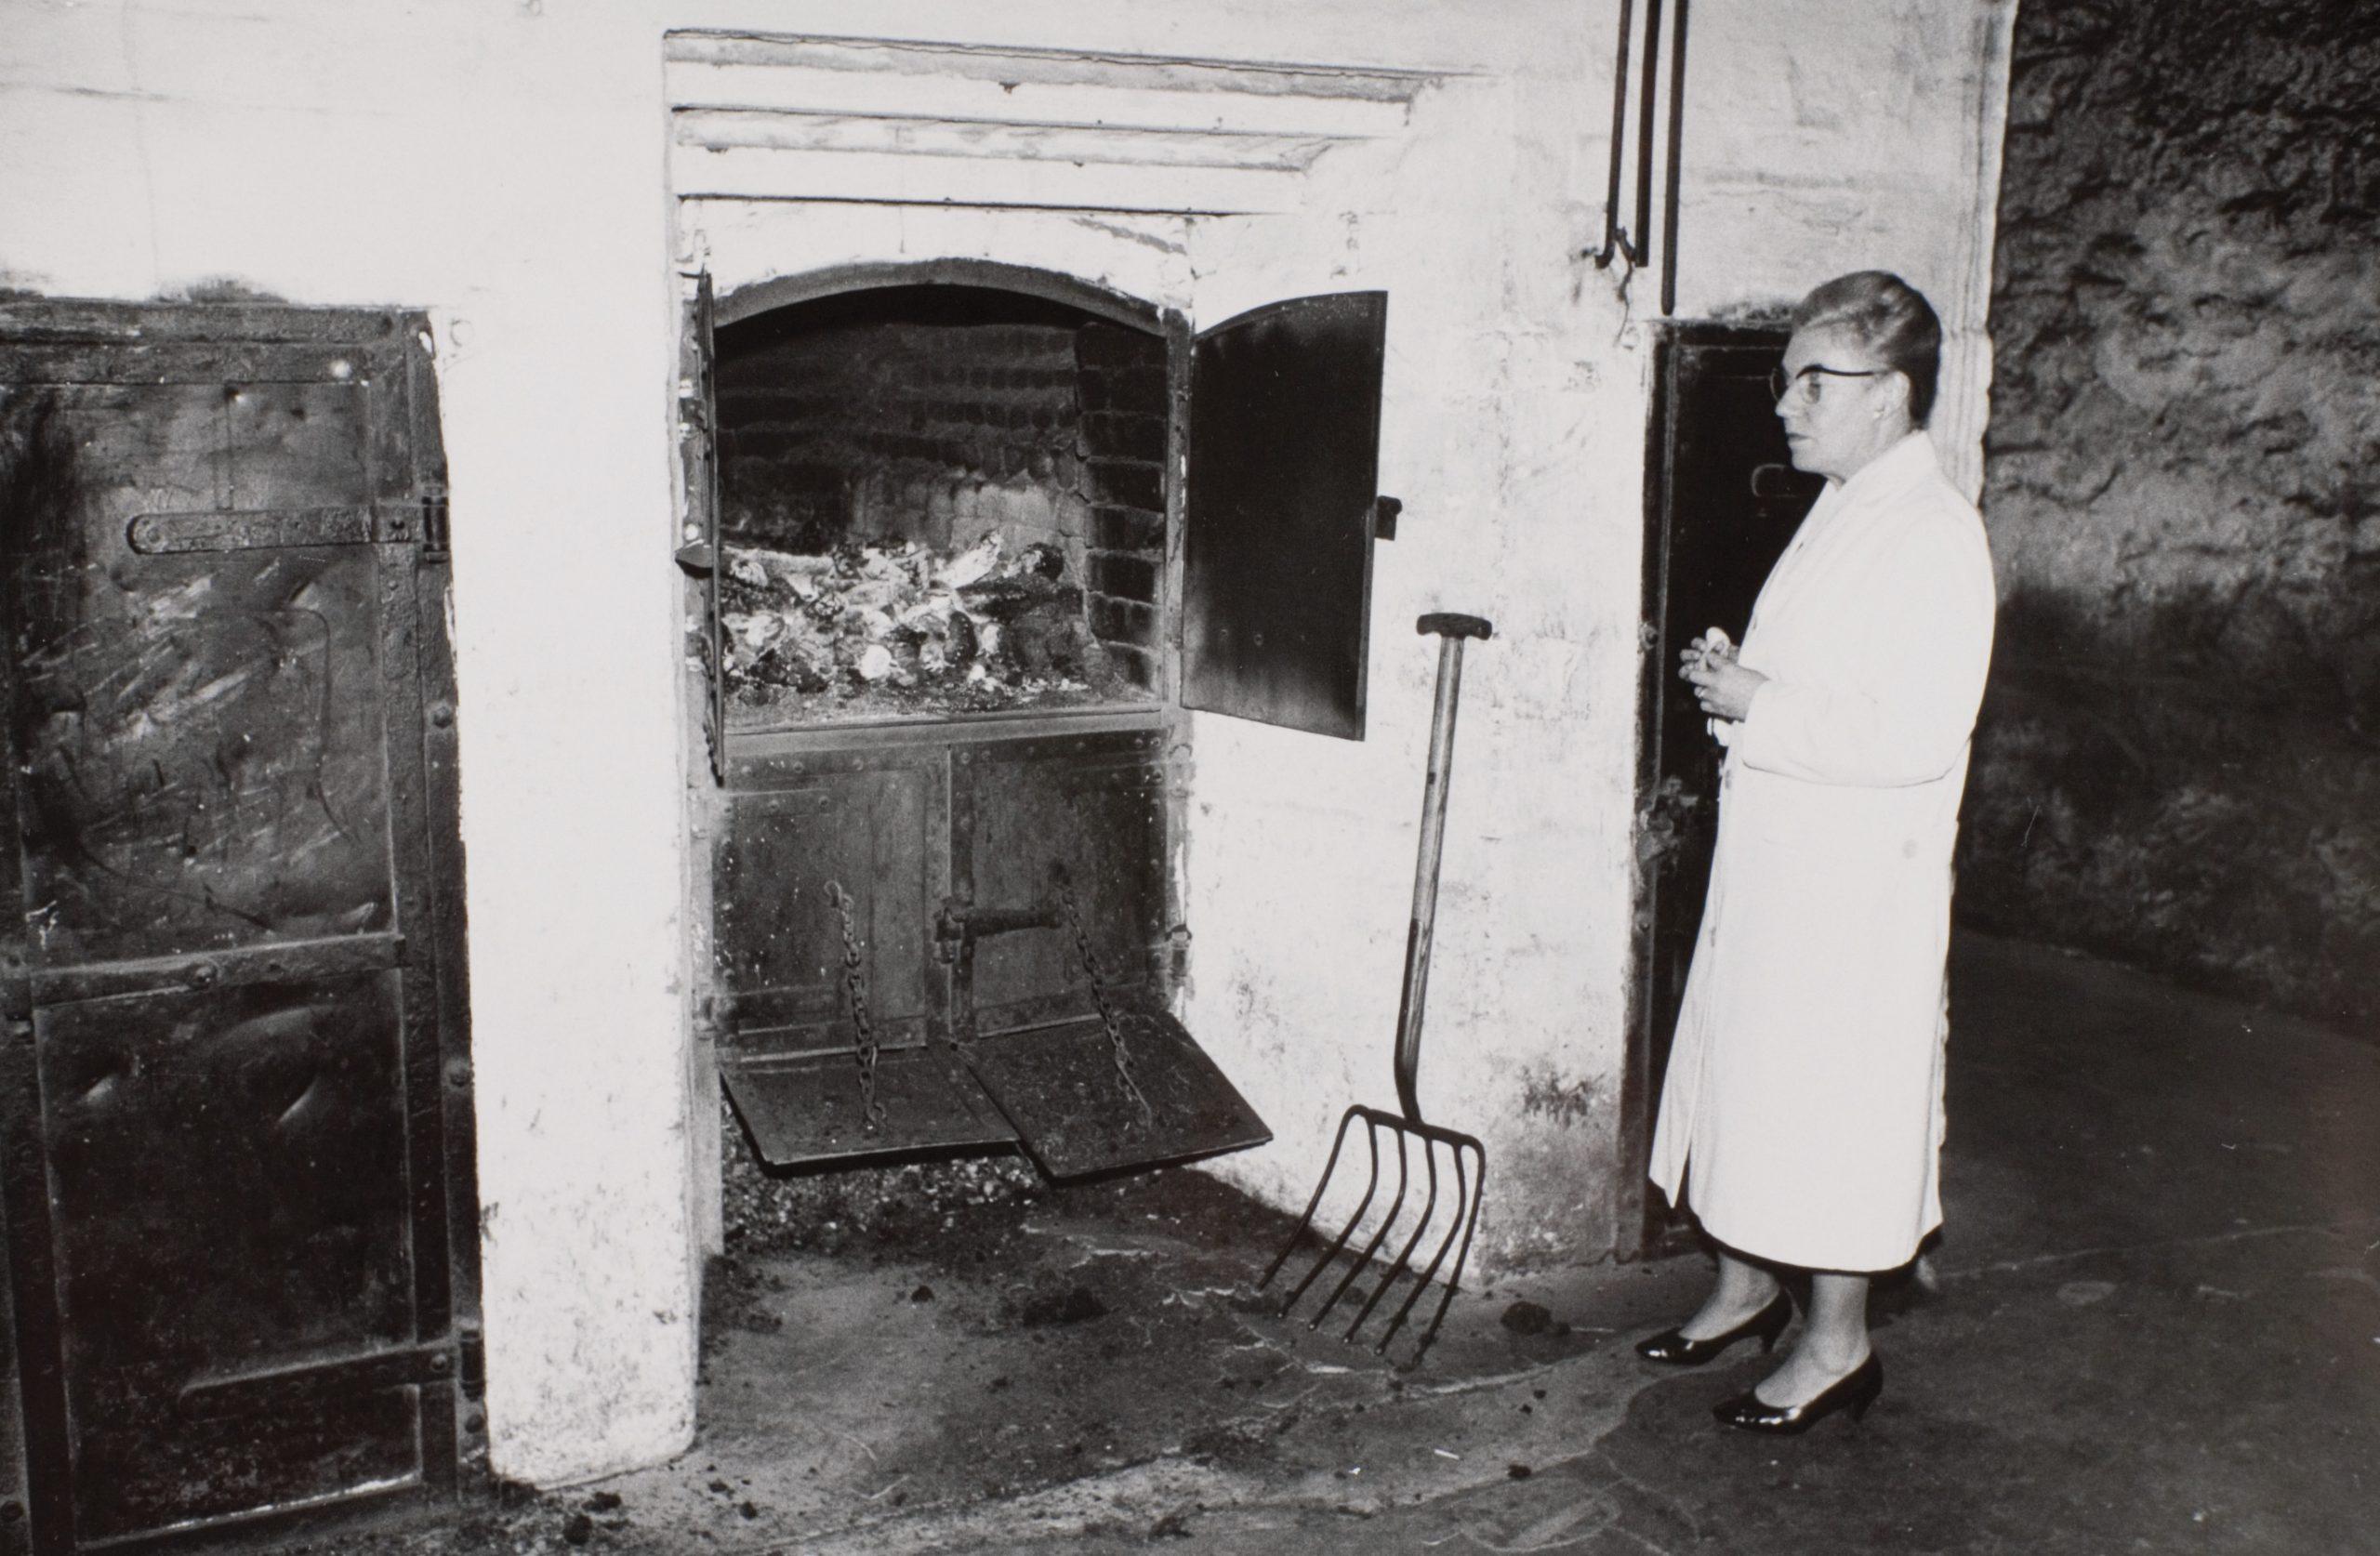 Laphroaig Bessie Williamson Distillery